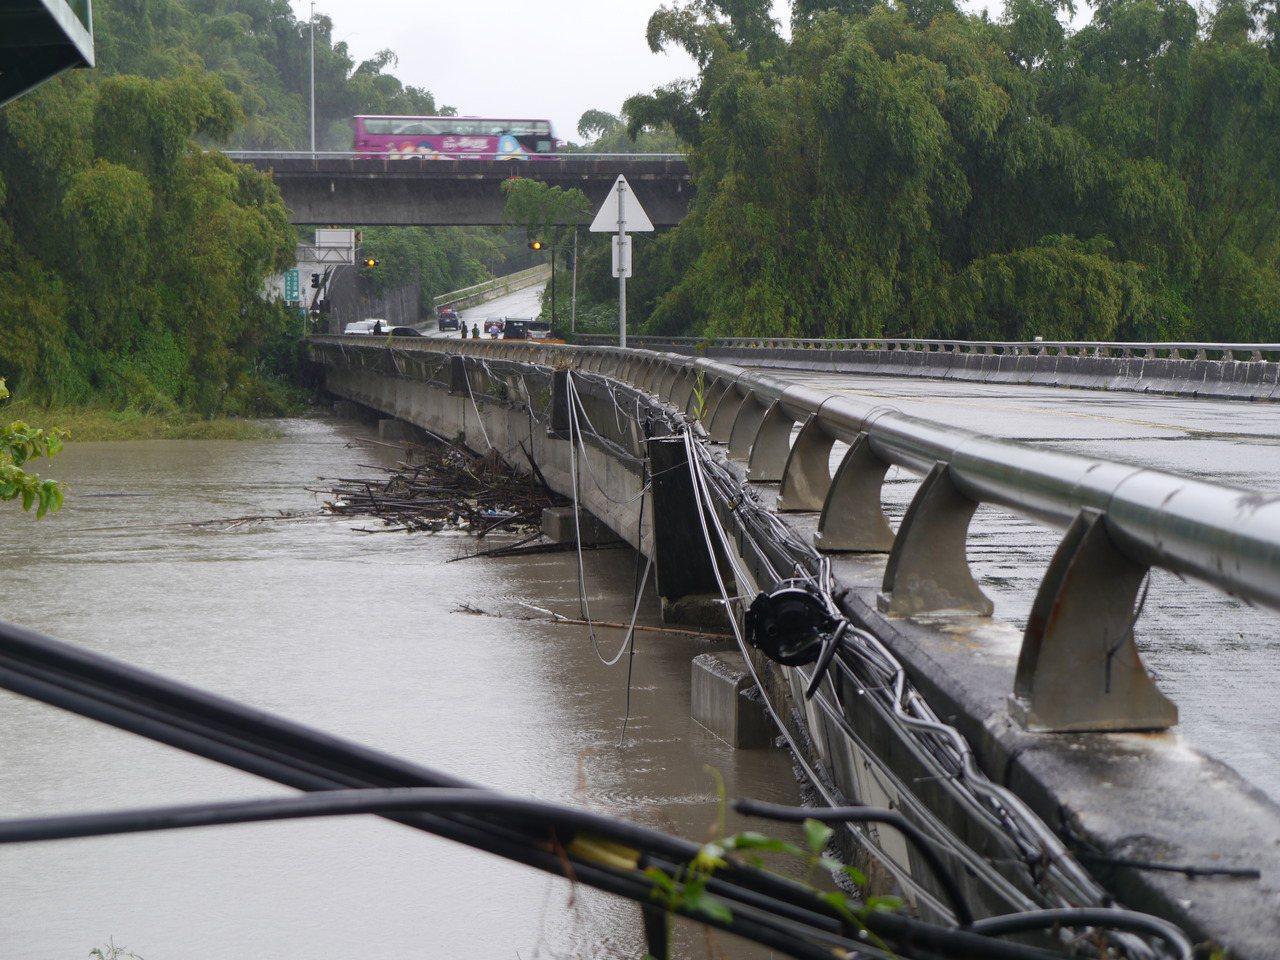 二仁溪暴漲,田橋崇德橋下水位一度逼近橋面,警方實施預警性封路。記者徐白櫻/攝影